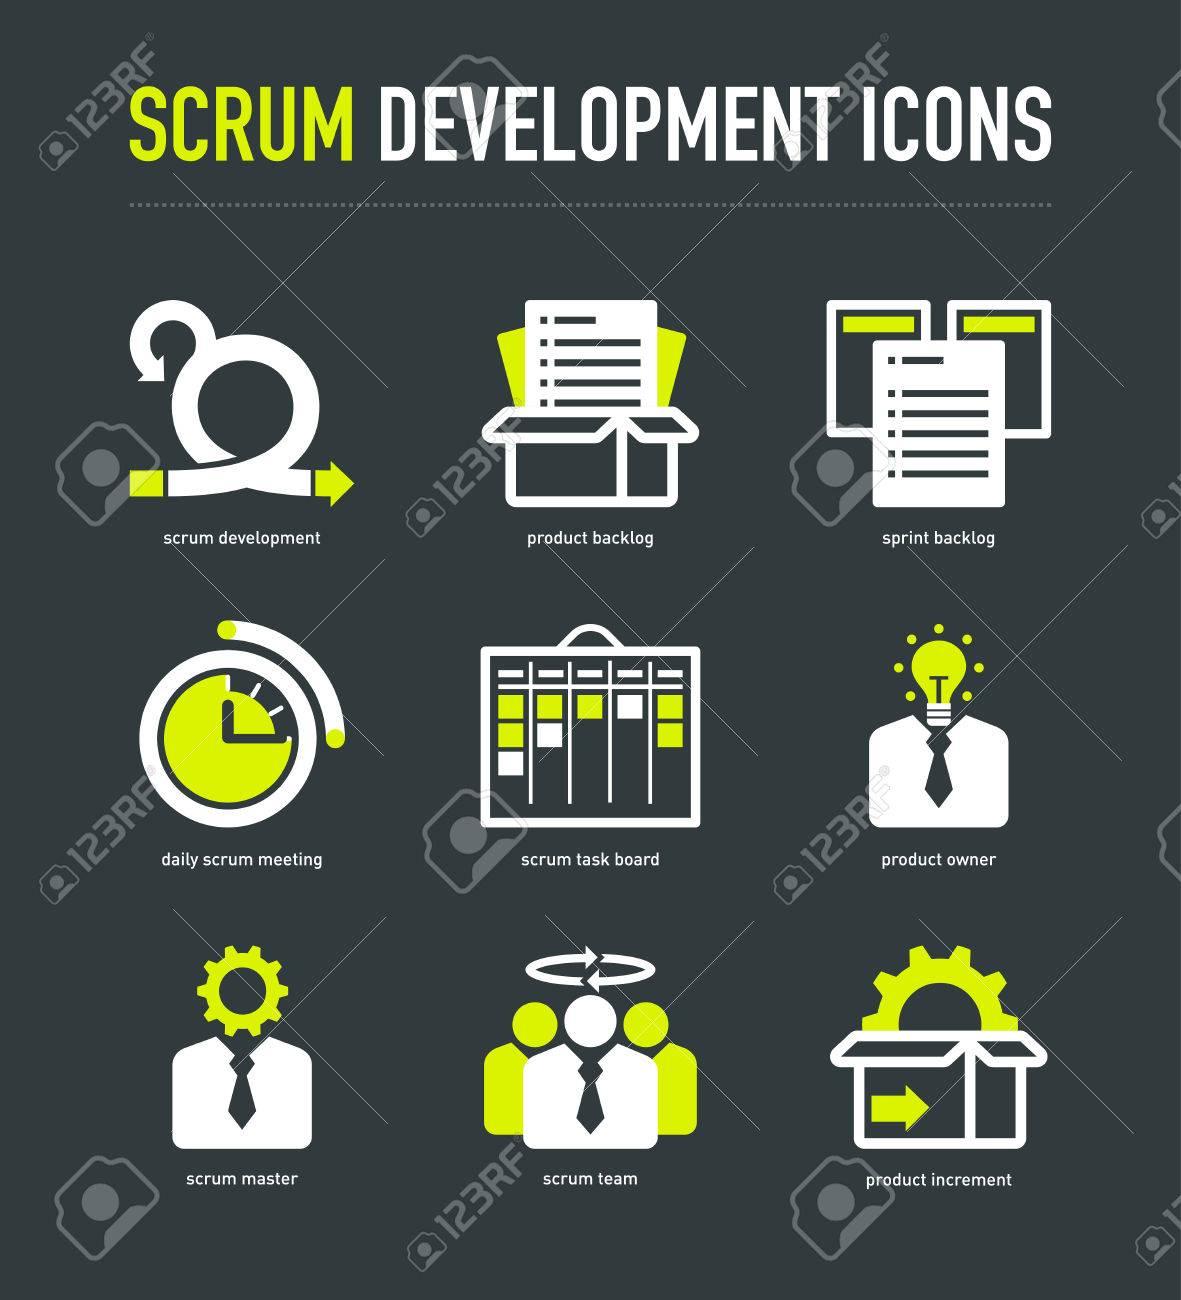 Scrum Development Methodology Icons On Dark Grey Background Royalty ...